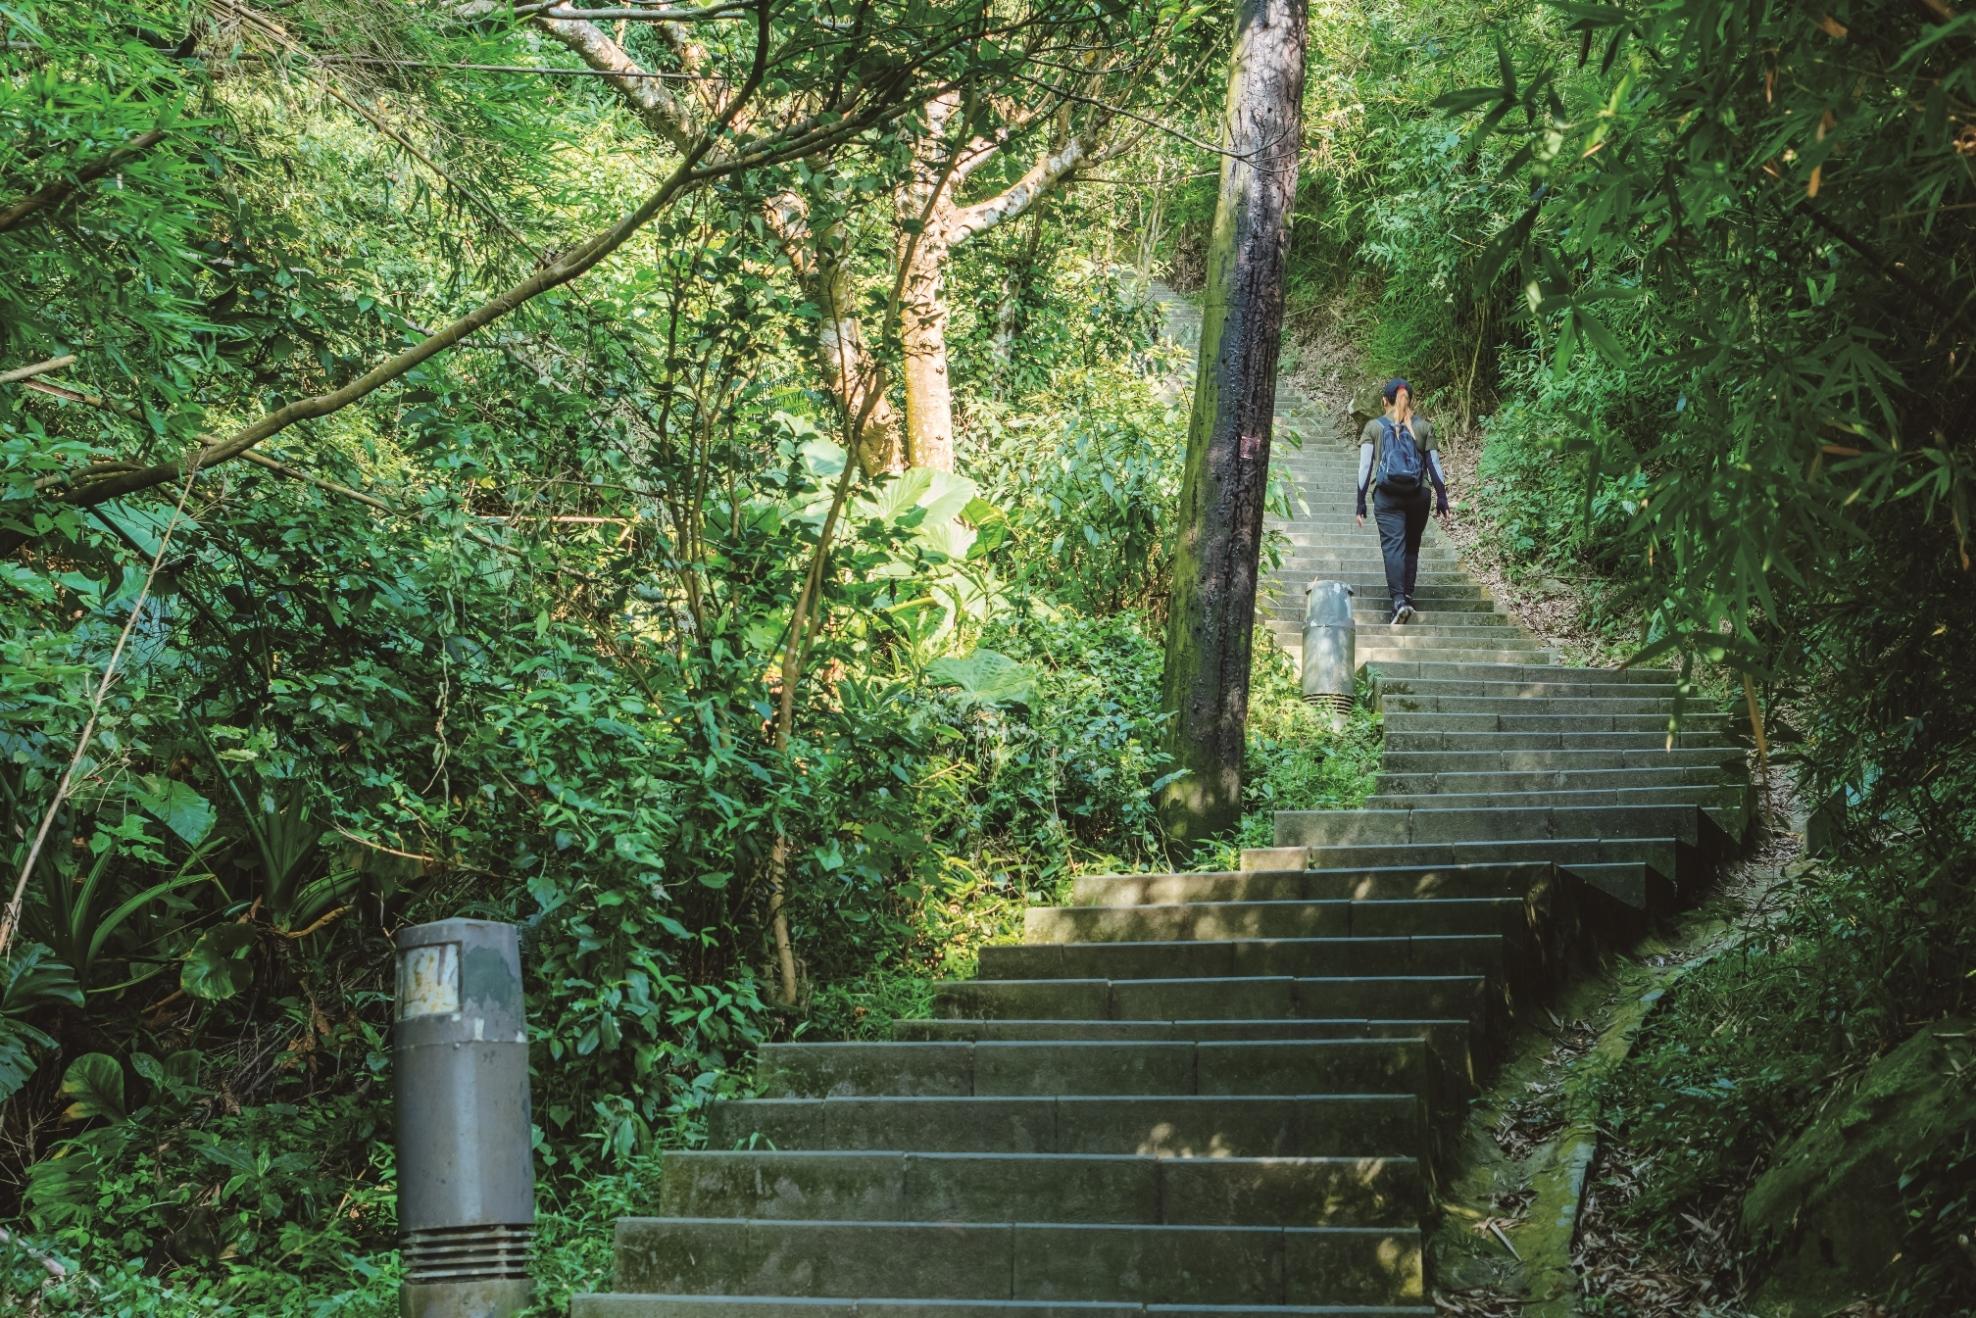 觀音山步道沿途綠蔭遮蔽夏日也不覺炎熱